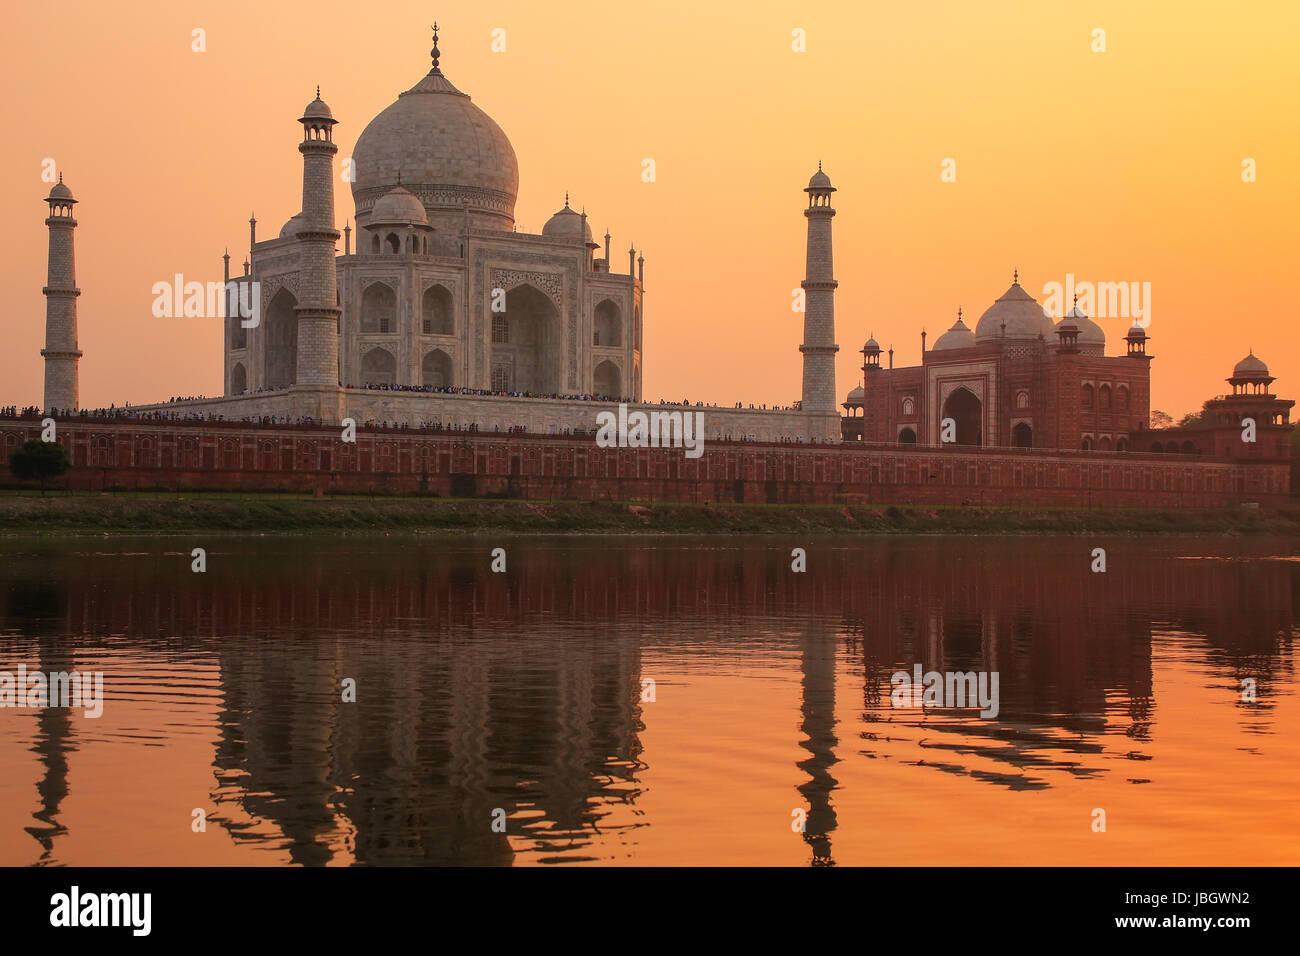 Taj Mahal spiegelt sich im Fluss Yamuna bei Sonnenuntergang in Agra, Indien. Es wurde 1632 von den Großmogul Stockbild